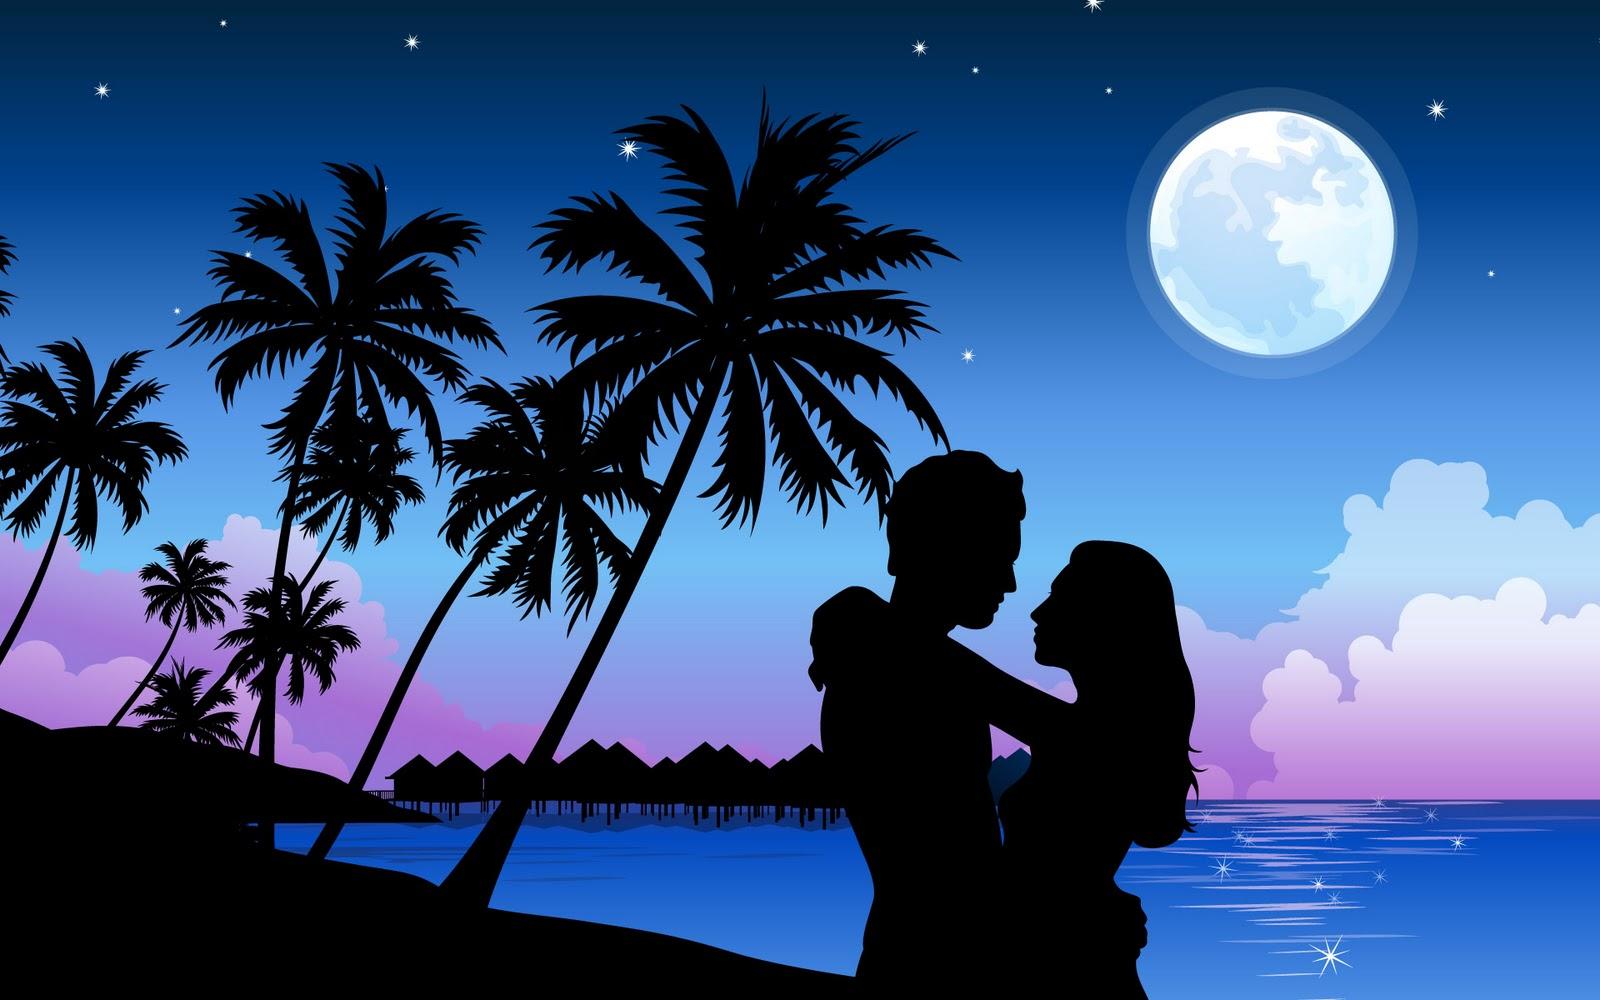 http://3.bp.blogspot.com/-Jk3fheLqPlk/ToSEhRnnbGI/AAAAAAAAAgY/I8VILPSFrGc/s1600/Romantic_Paradise-wallpaper.jpg